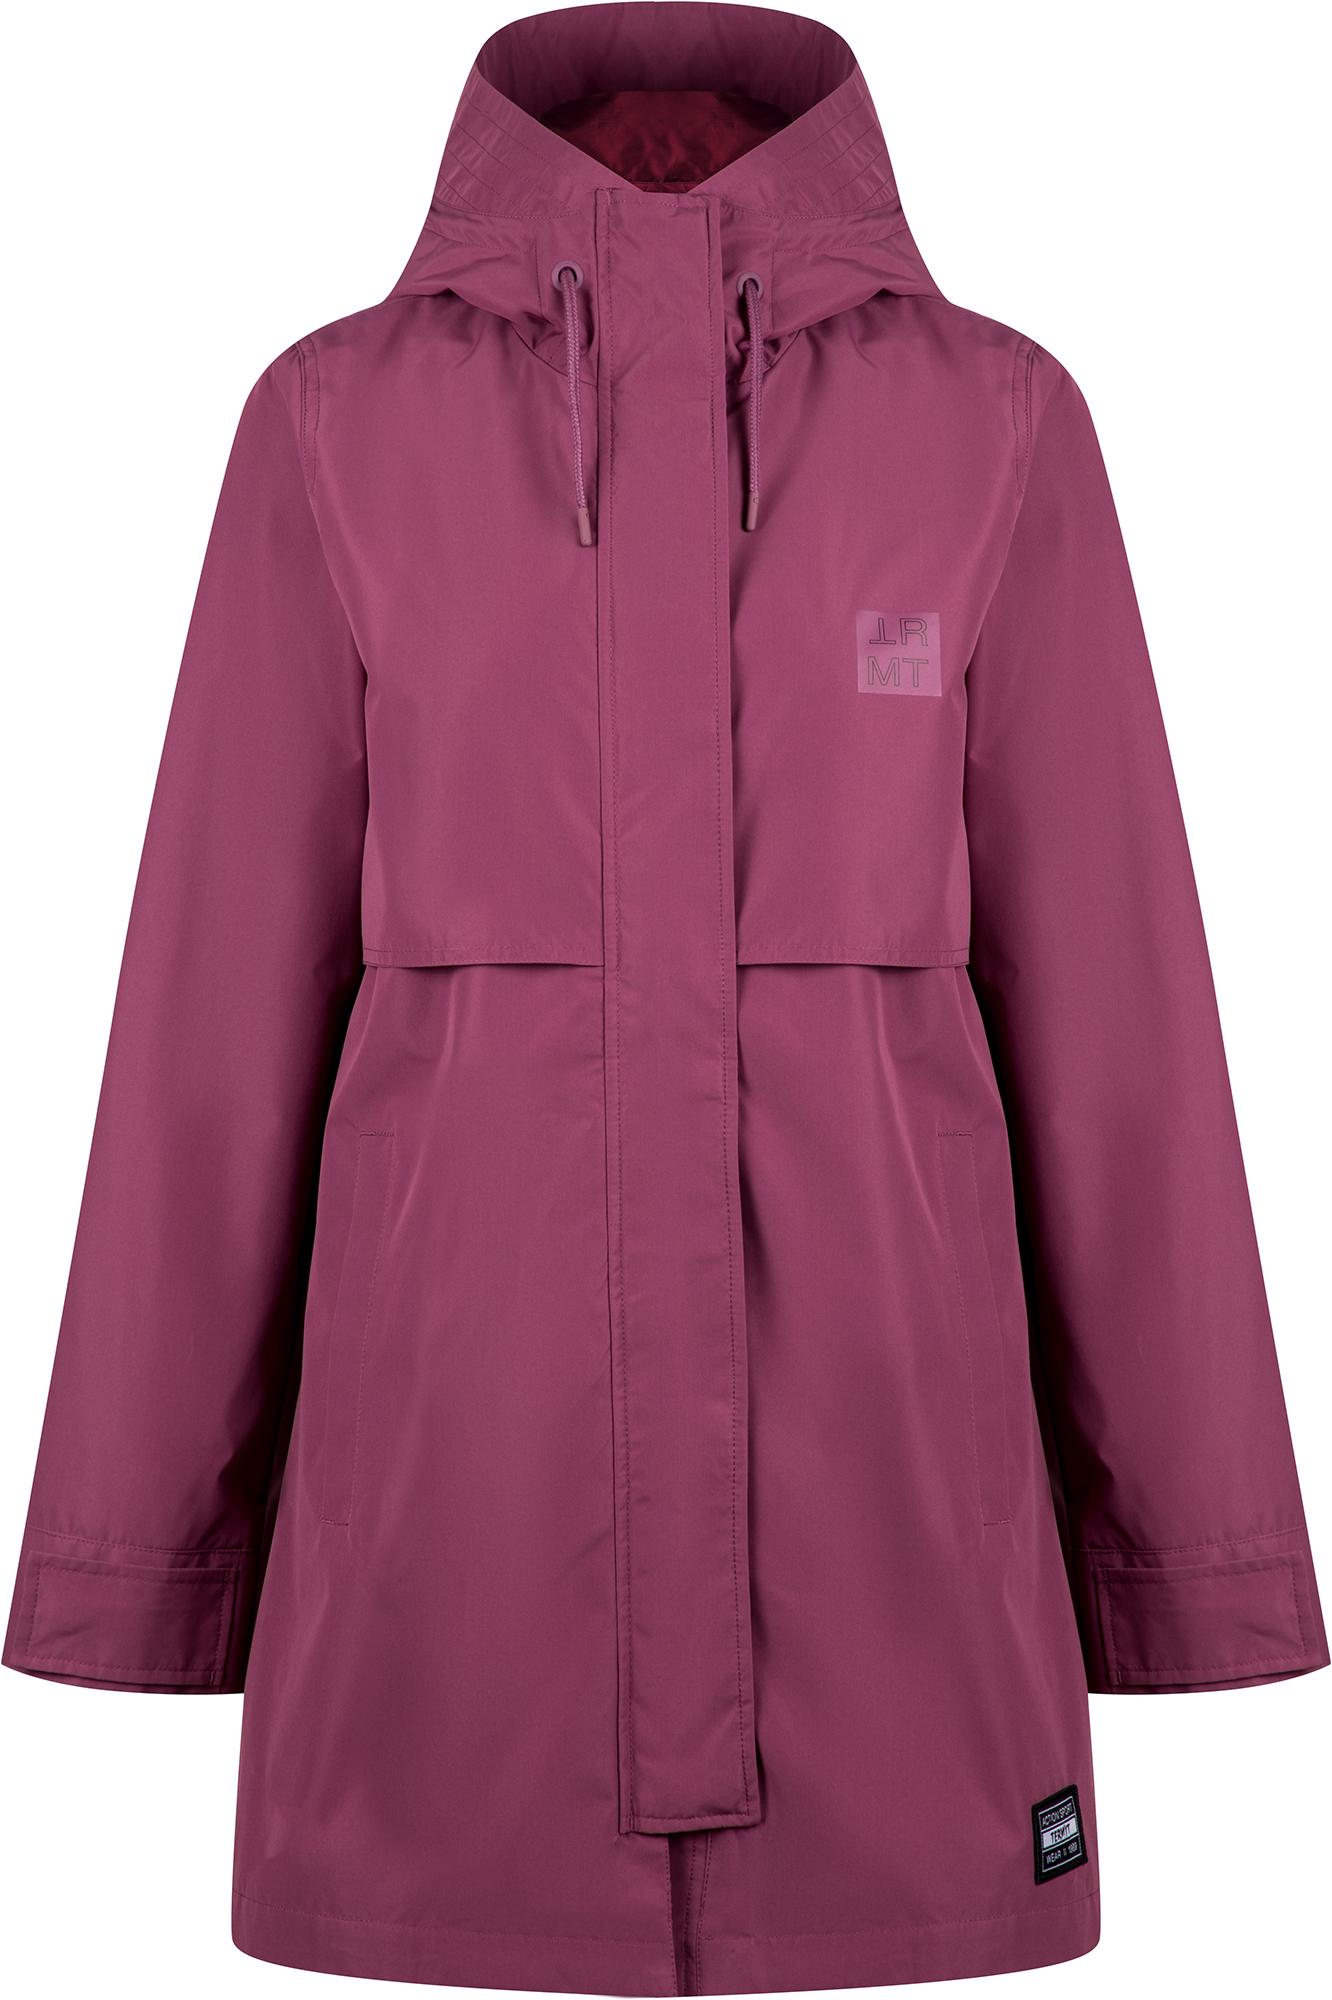 Termit Куртка женская Termit, размер 42